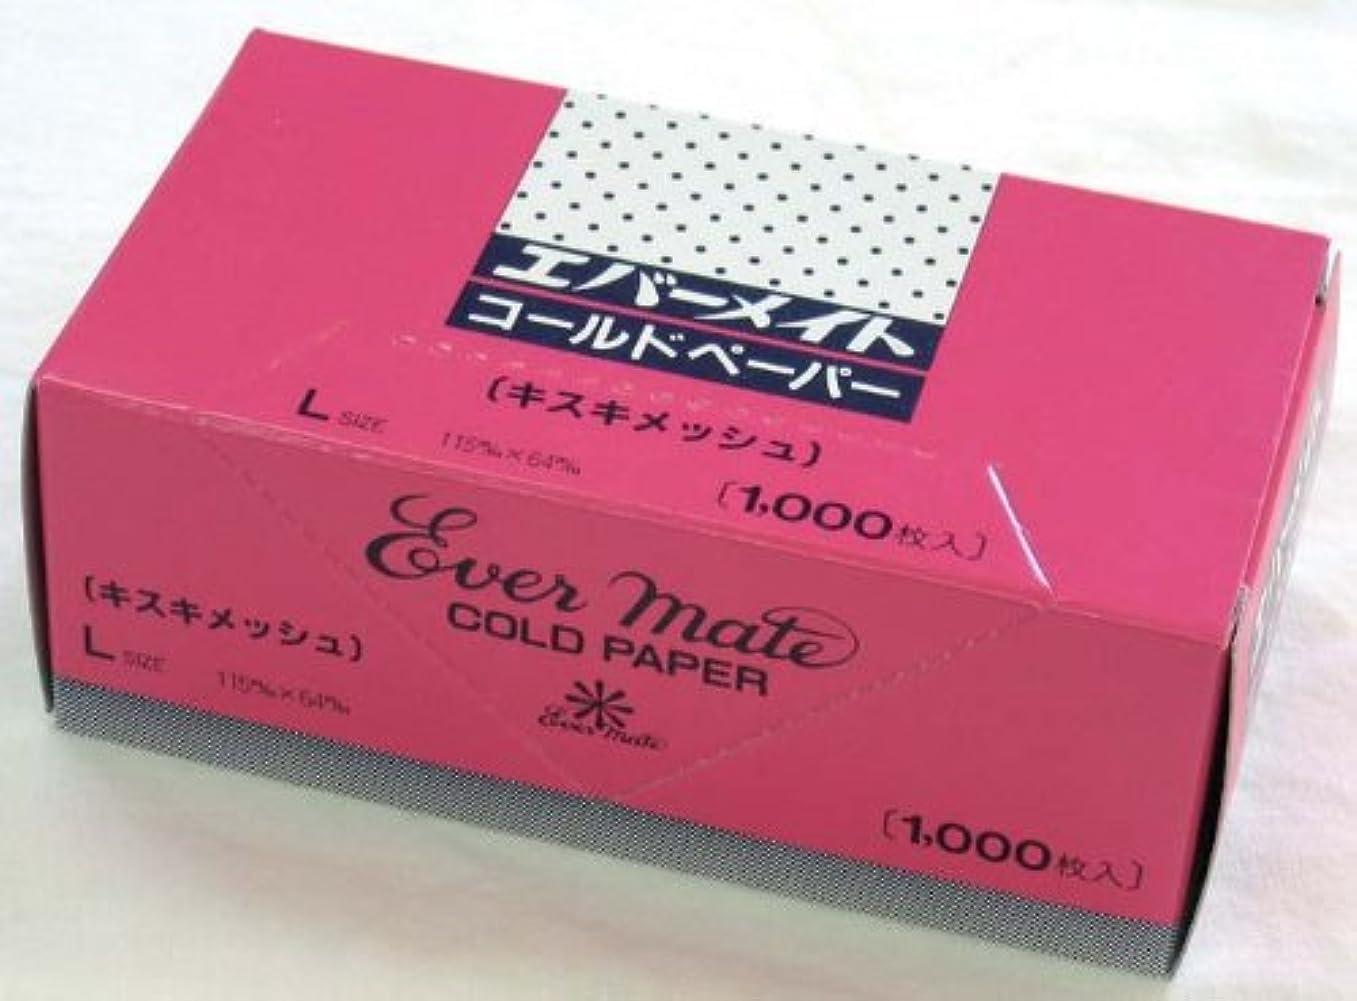 ニューエバー NEW EVER / キスキメッシュペーパー Lサイズ 1000枚